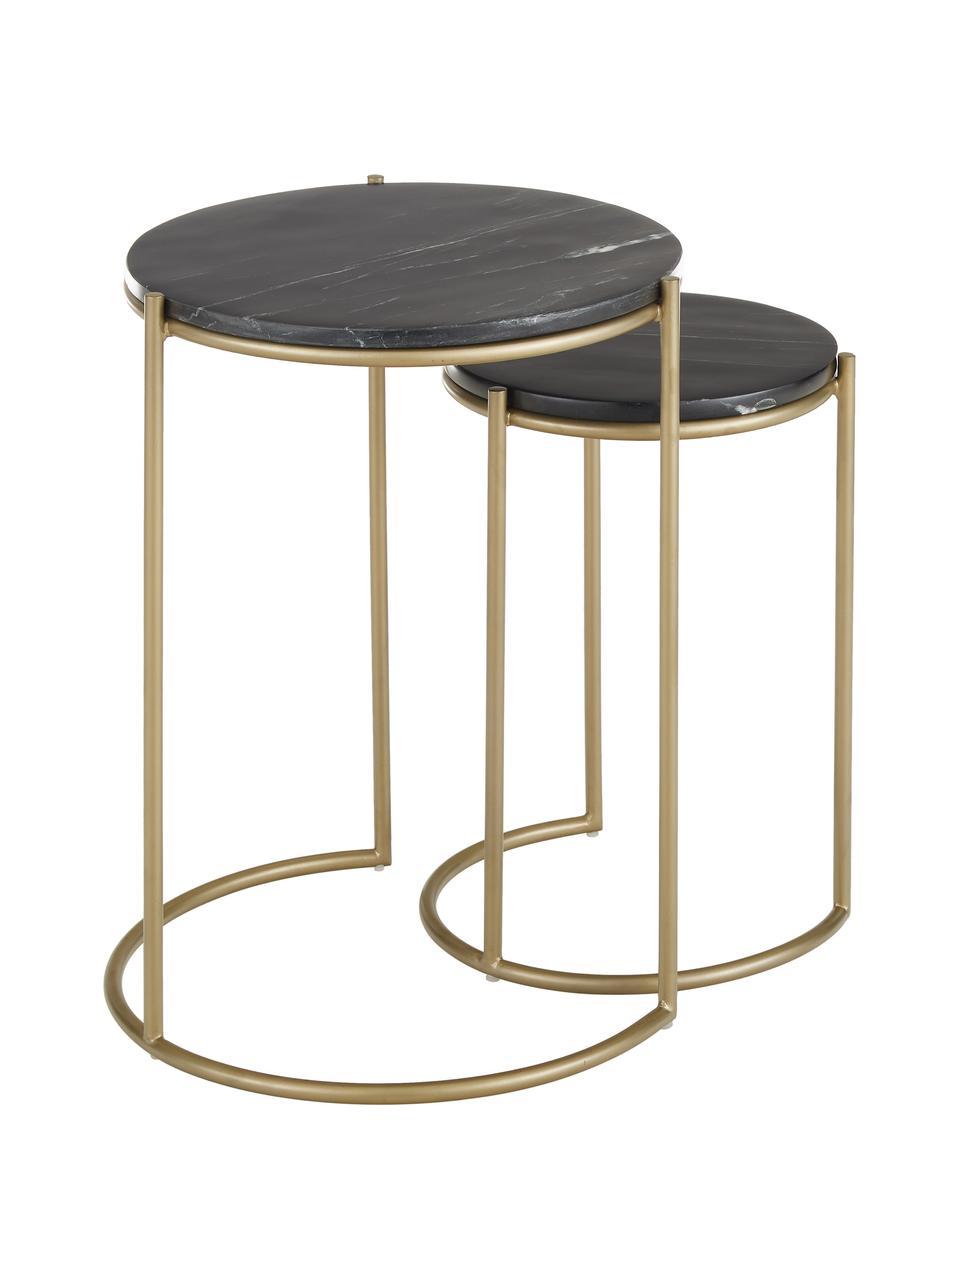 Set 2 tavolini con piano in marmo Ella, Ripiani: marmo, Struttura: metallo verniciato a polv, Piani d'appoggio: marmo nero Struttura: dorato opaco, Set in varie misure